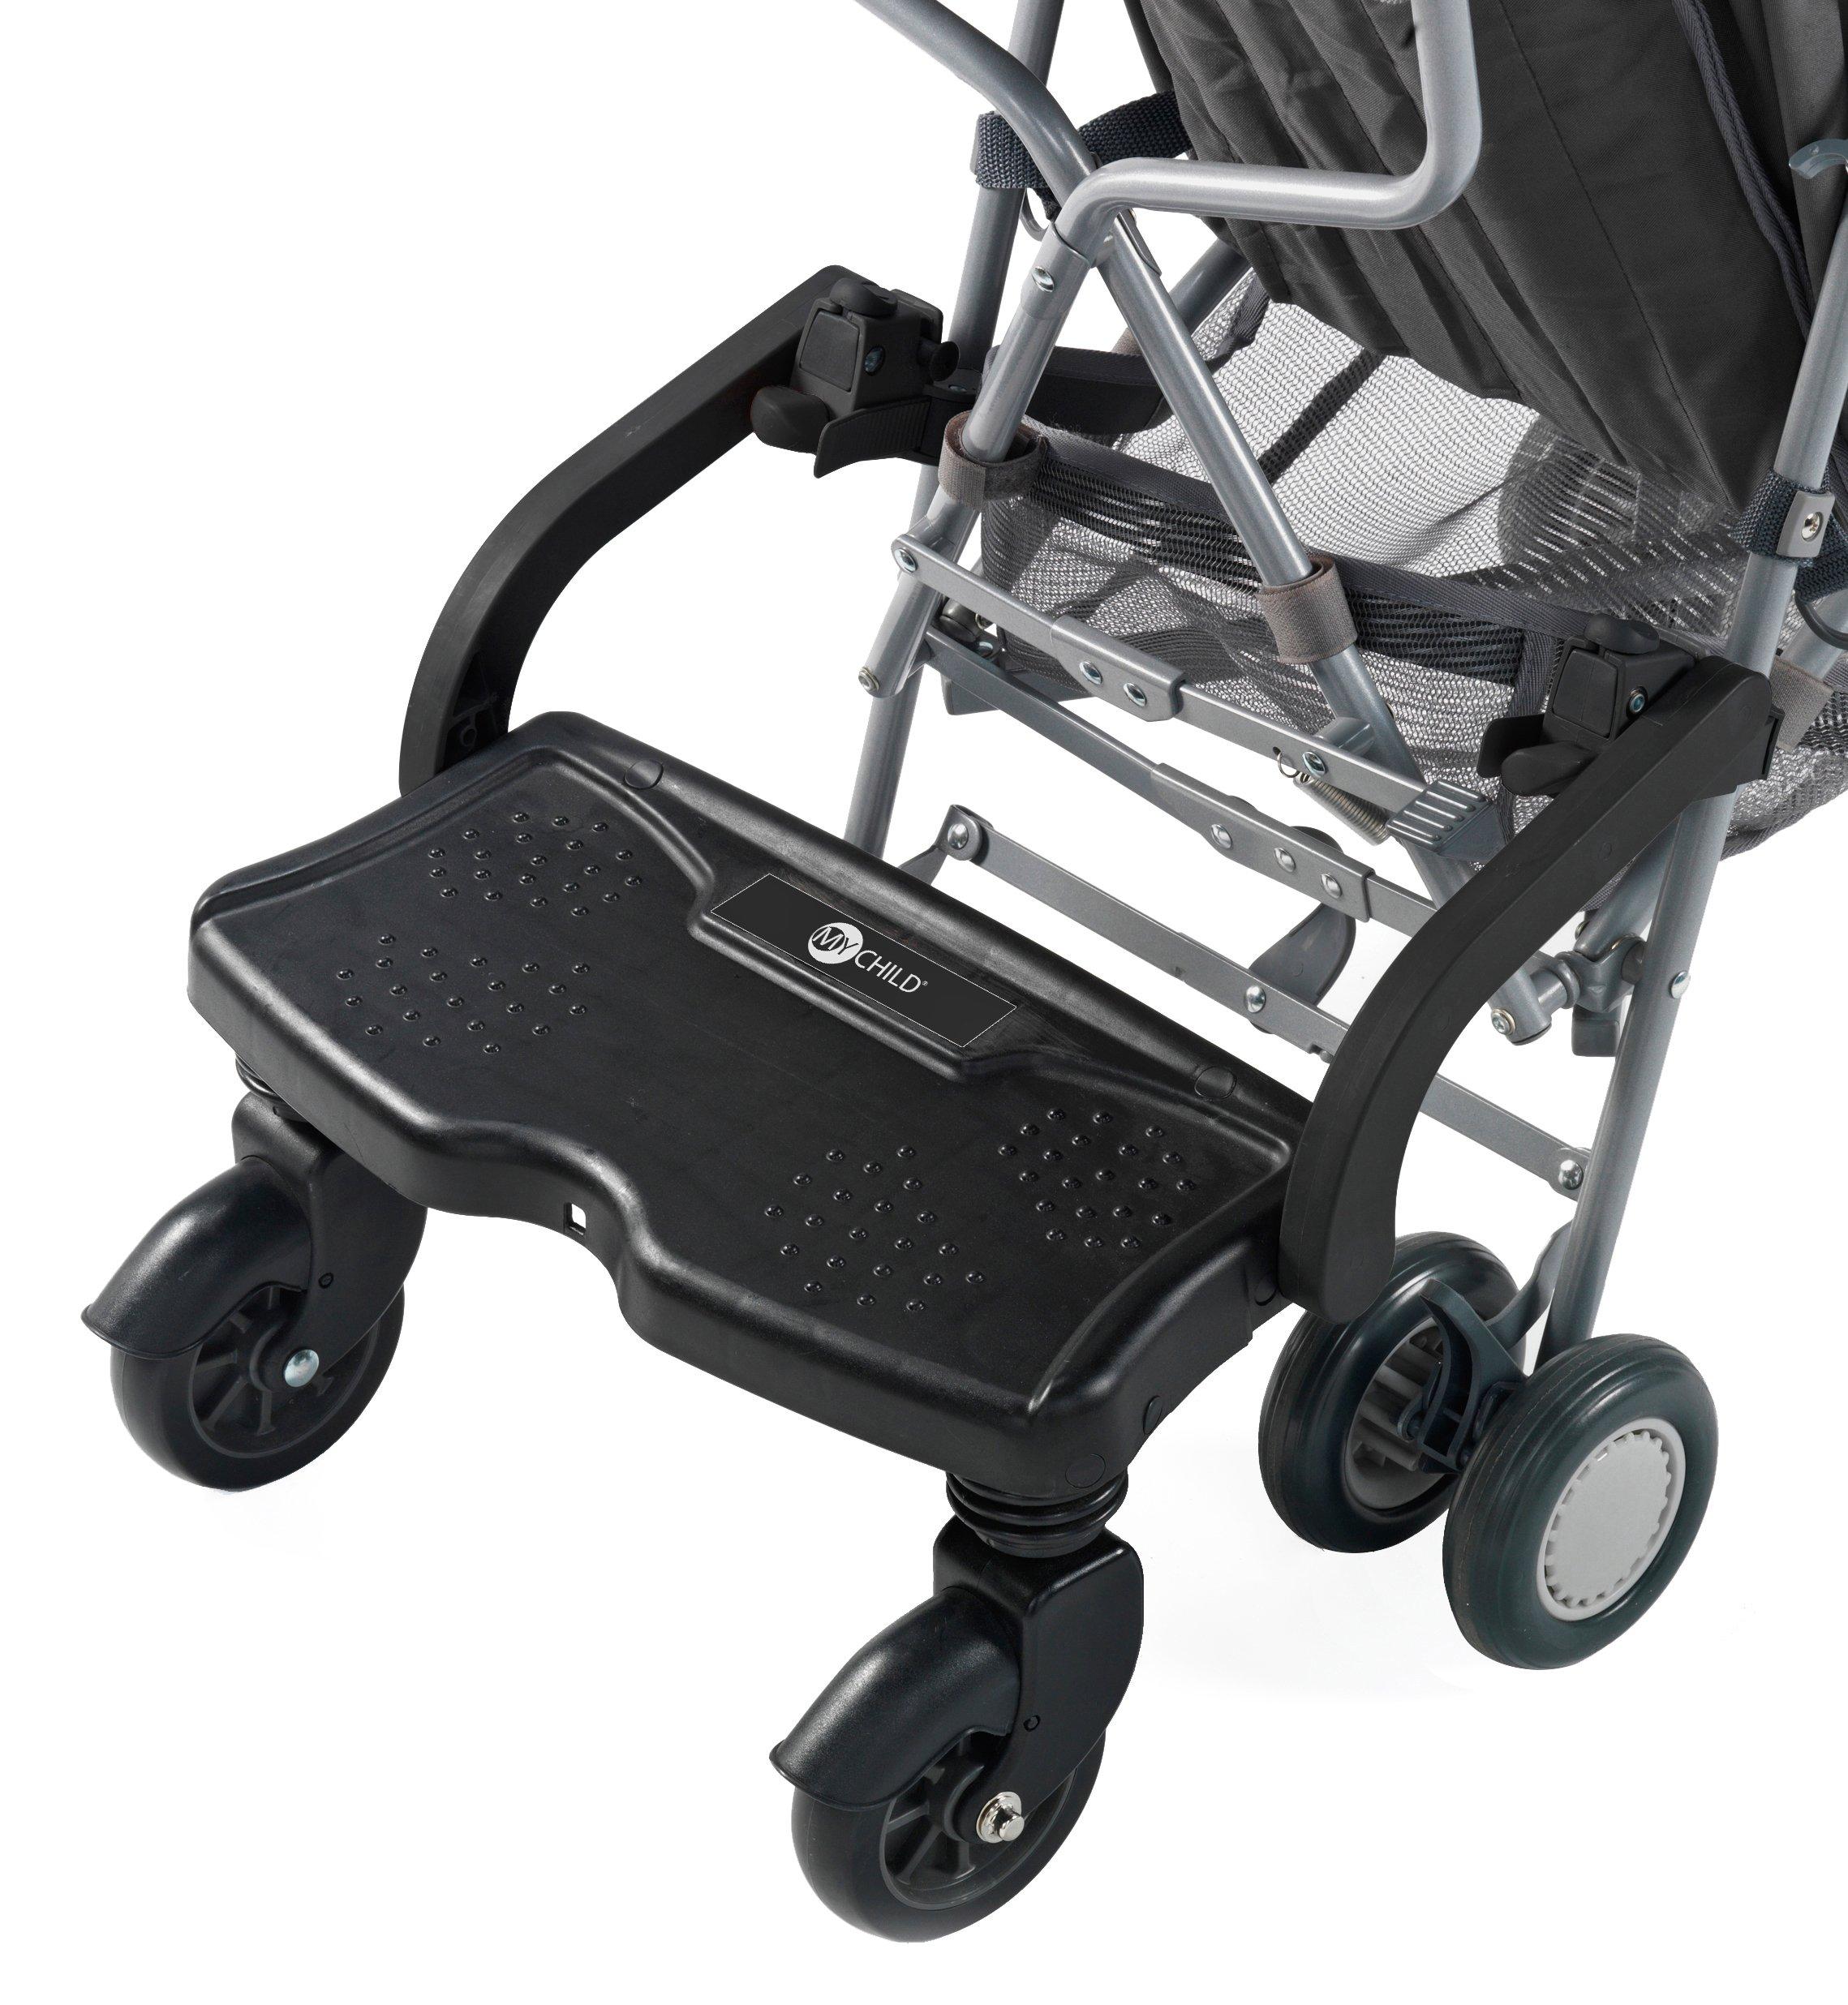 Mychild Mychild On Board Stroller Board Black 3